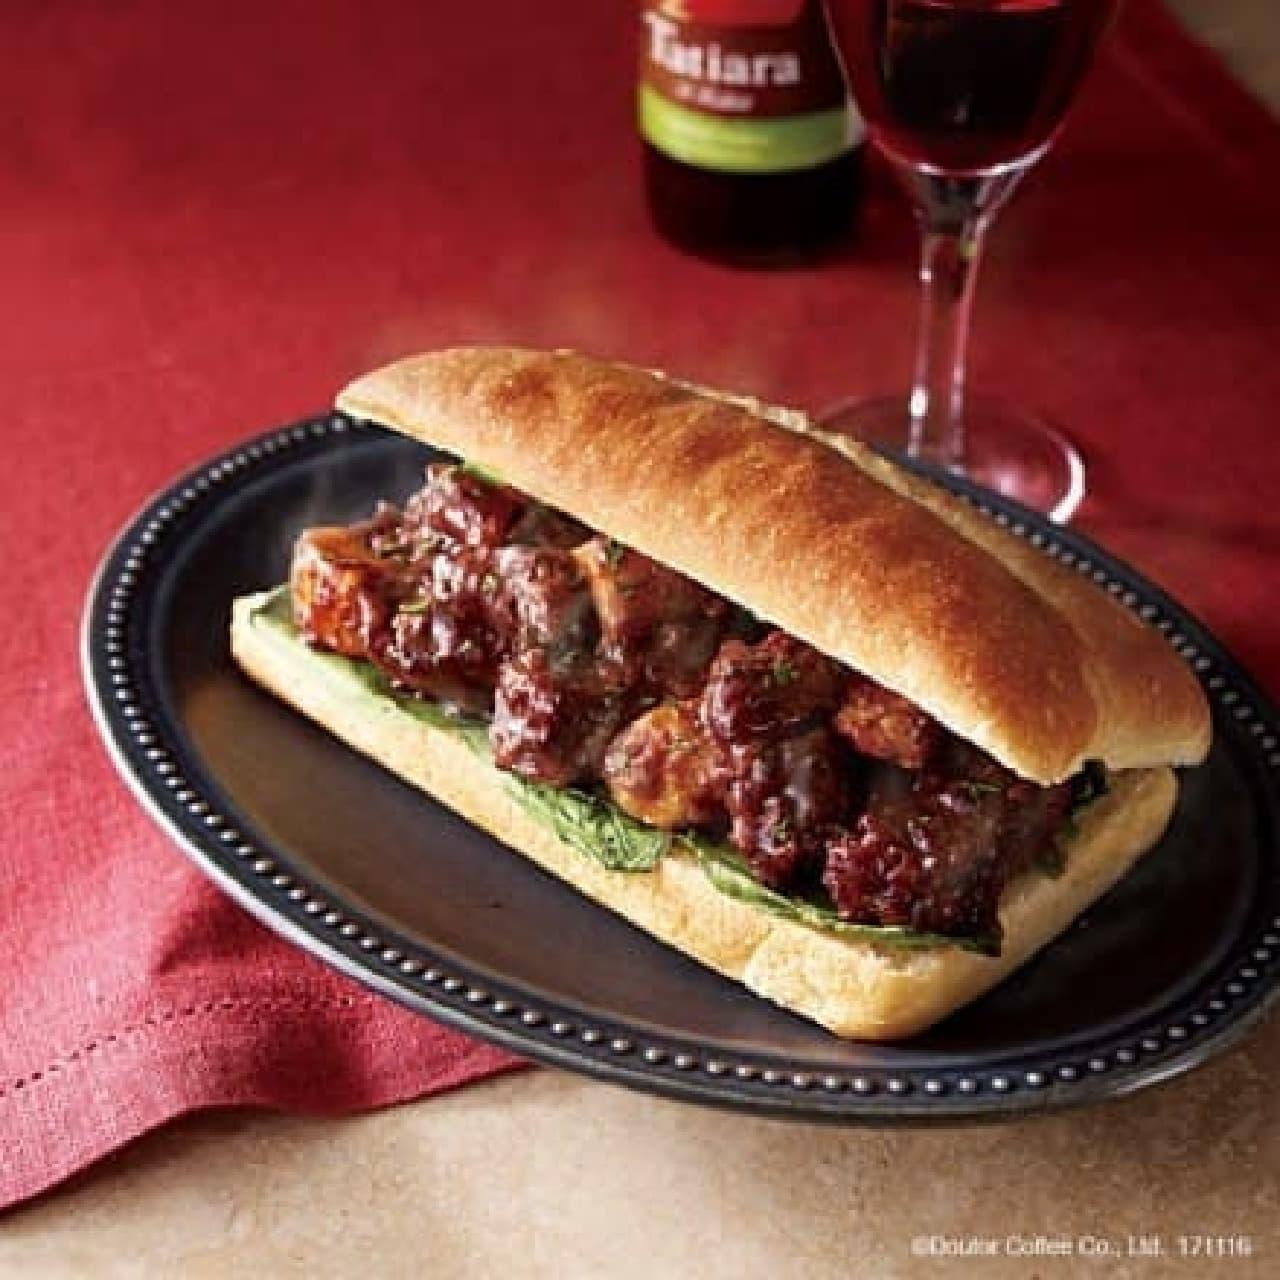 エクセルシオール カフェ「チャバッタ 牛肉の赤ワイン煮込み~カシス風味~」